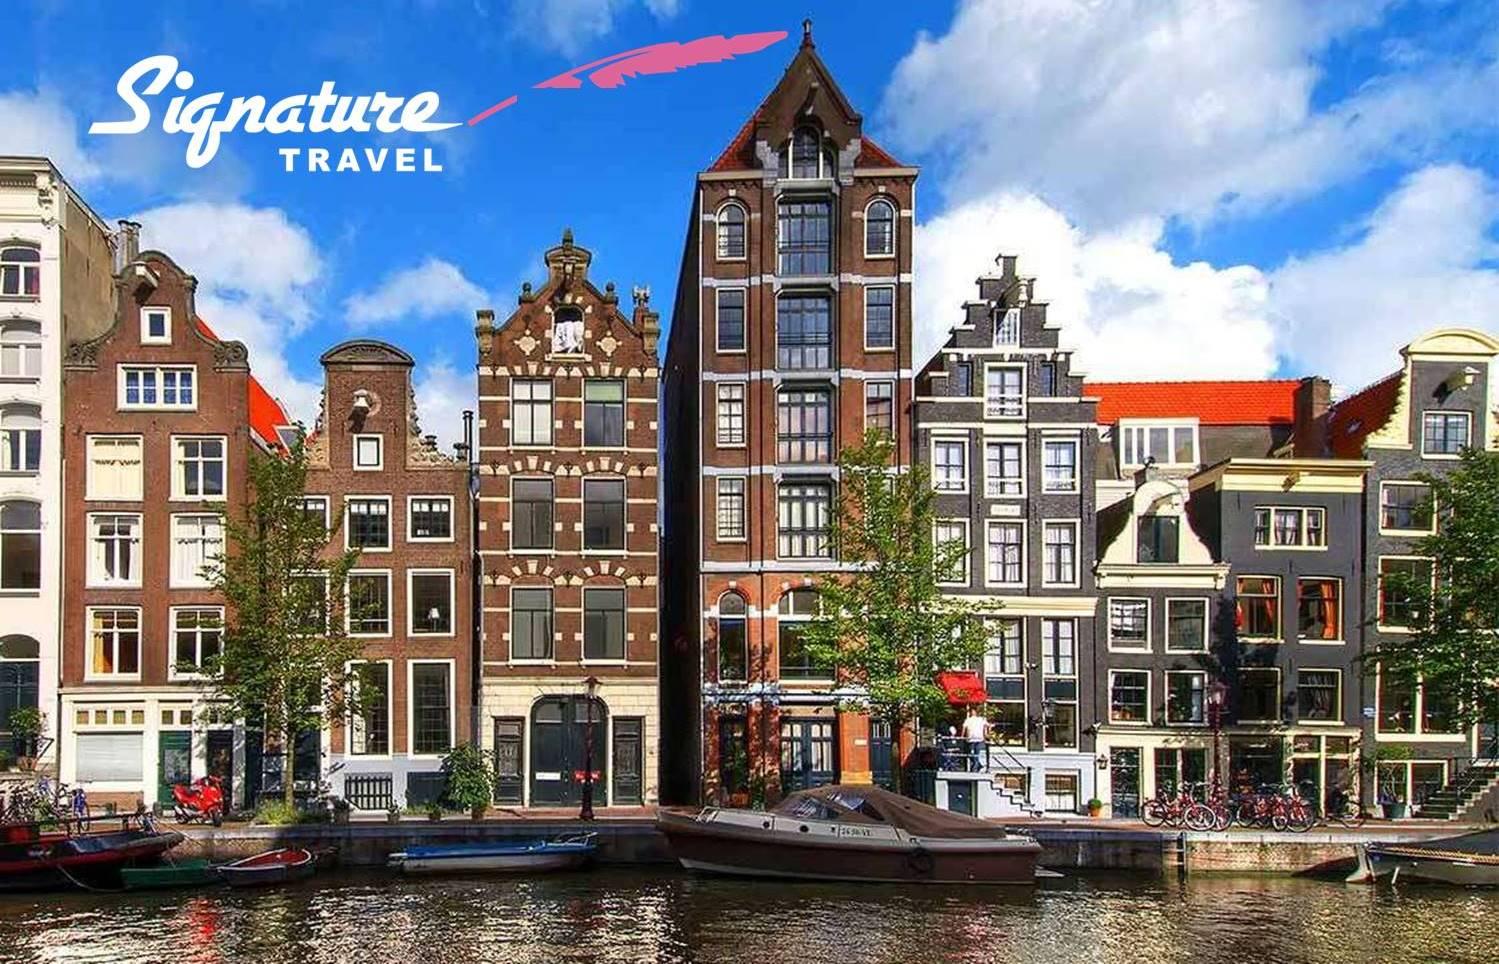 ΑΜΣΤΕΡΝΤΑΜ με την Υπογραφή του ''Signature Travel'' σε τιμή που δεν ξανάγινε! 349€ για 4 μέρες με Αεροπορικά, Κεντρικό Ξενοδοχείο & Φόρους πληρωμένους εικόνα